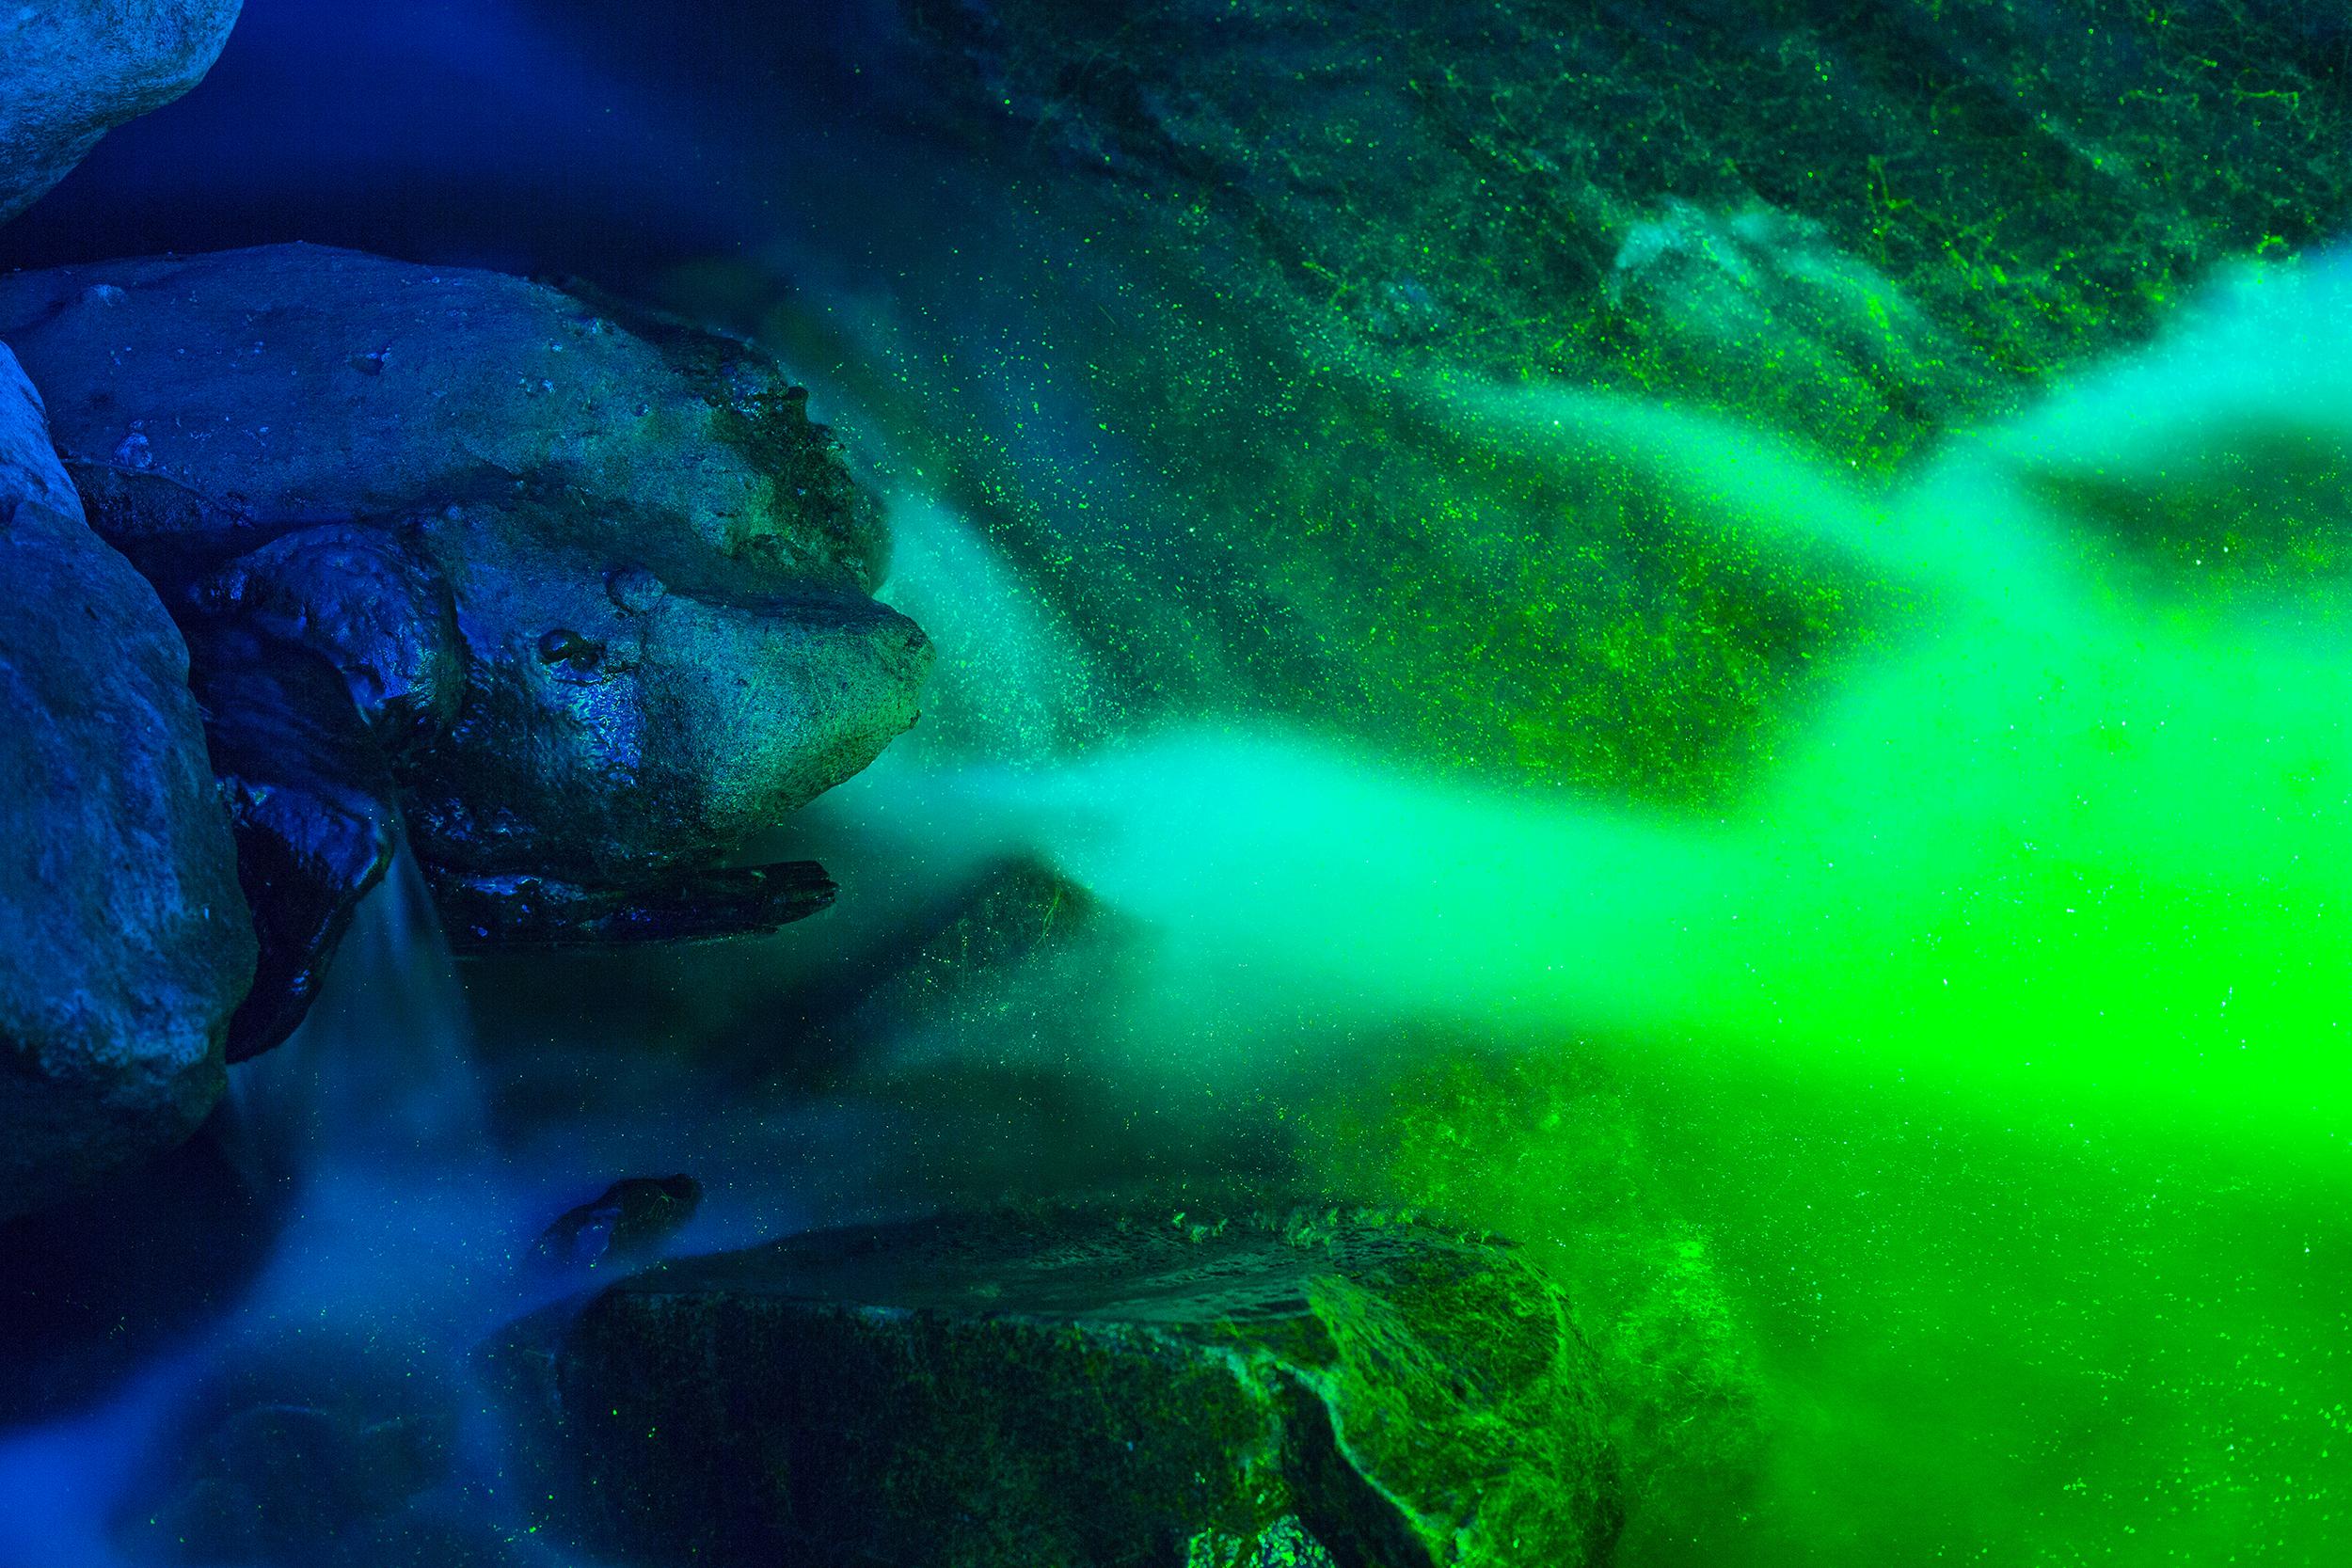 'Cosmic River', 2015